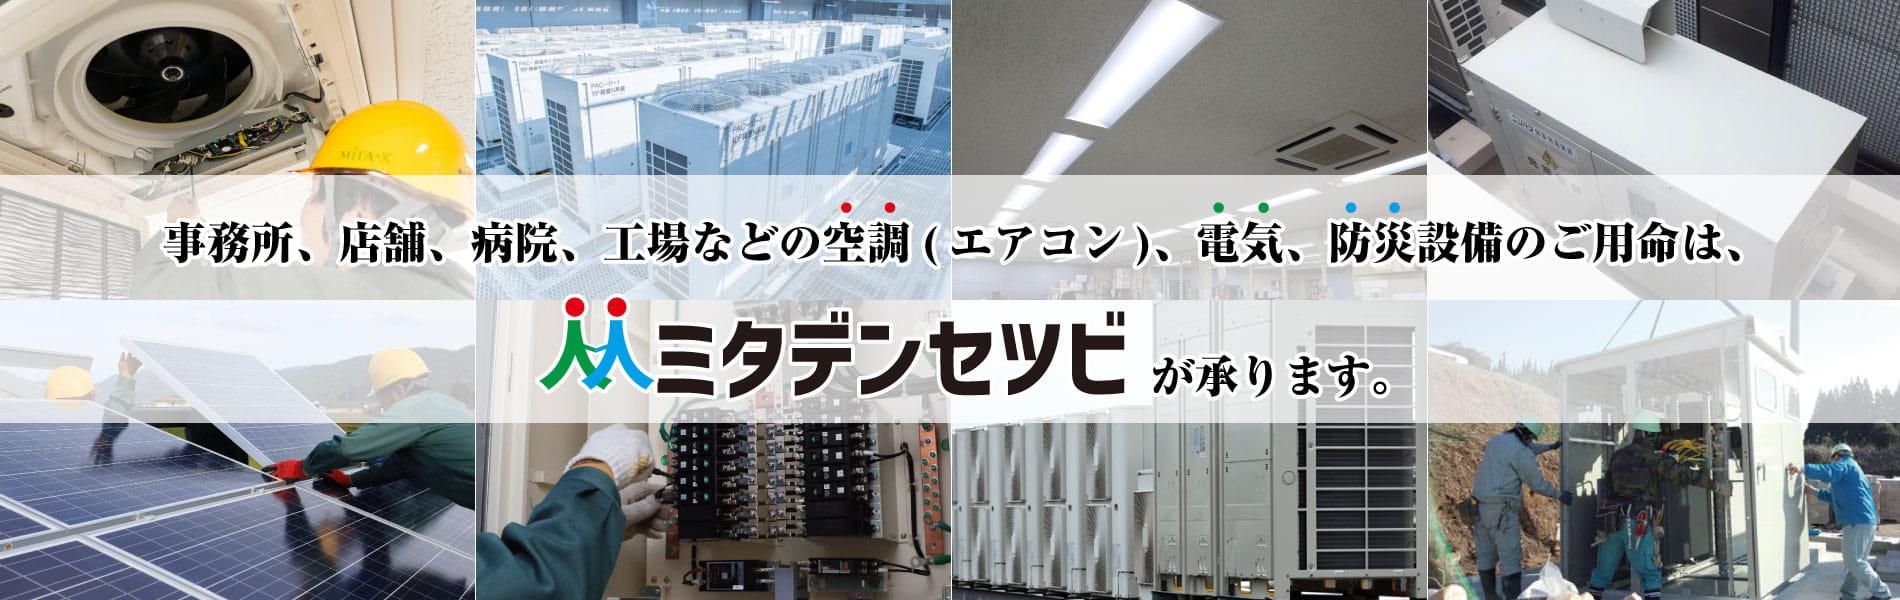 業務用設備専門店ミタデンセツビtop1